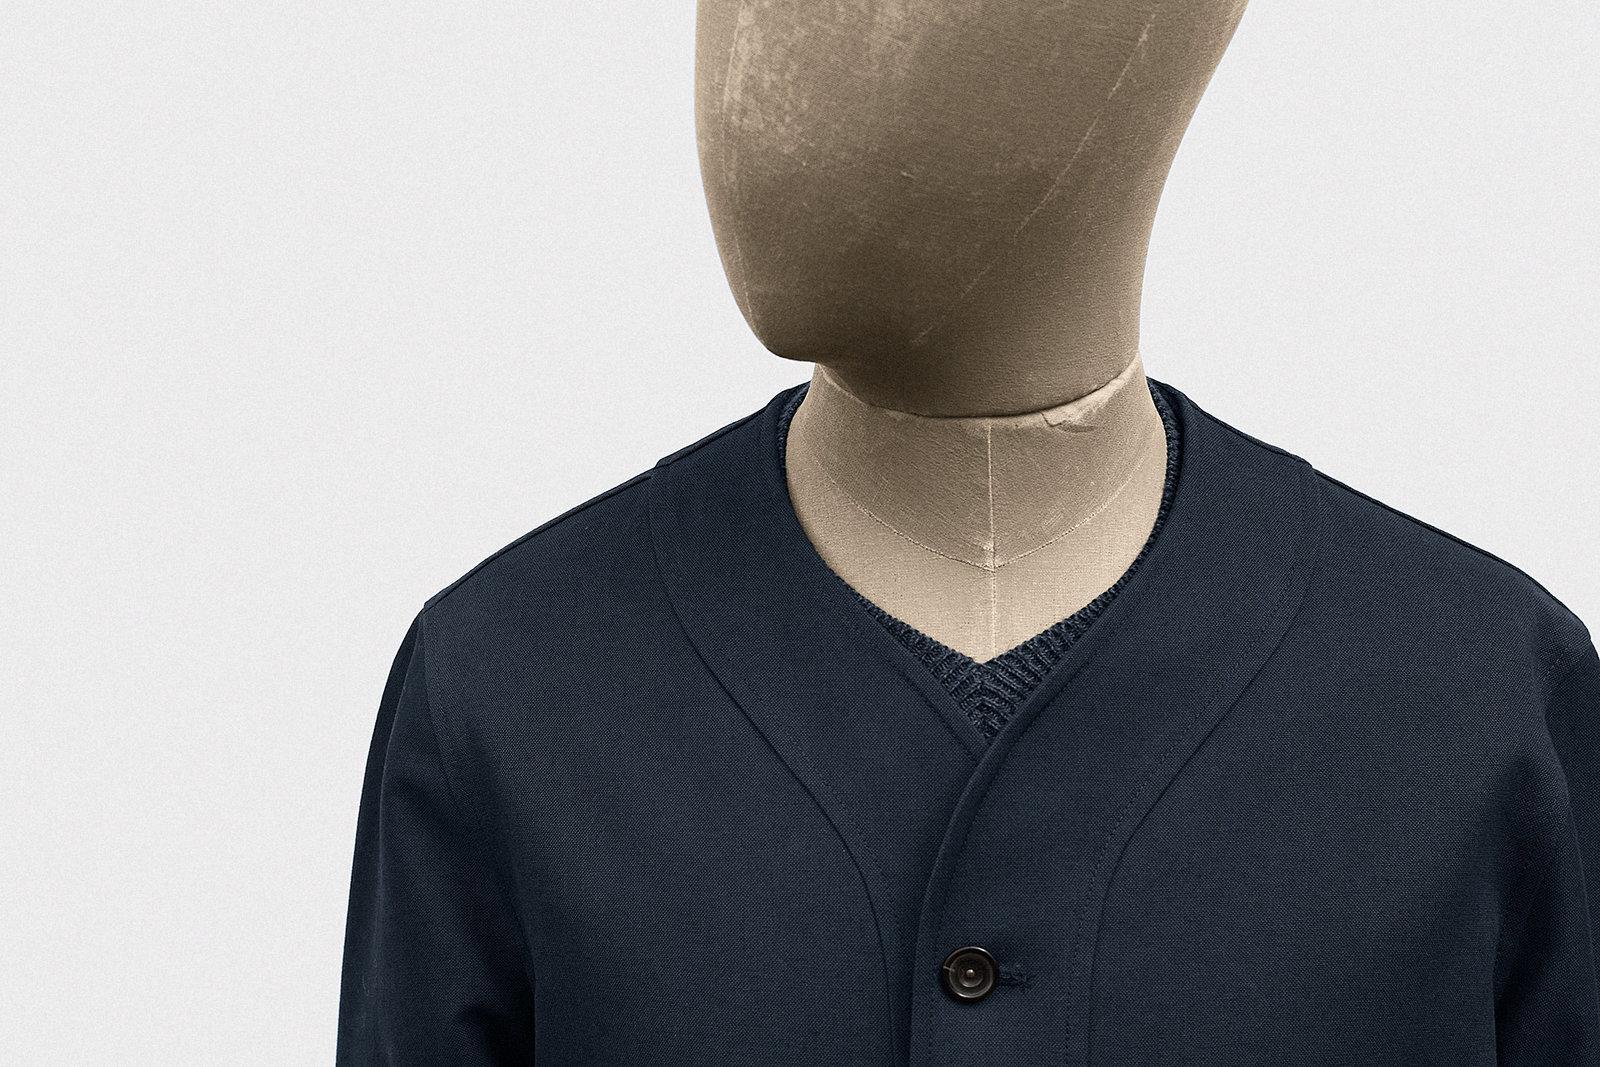 engineer-jacket-cotton-canvas-dark-navy-2@2x.jpg